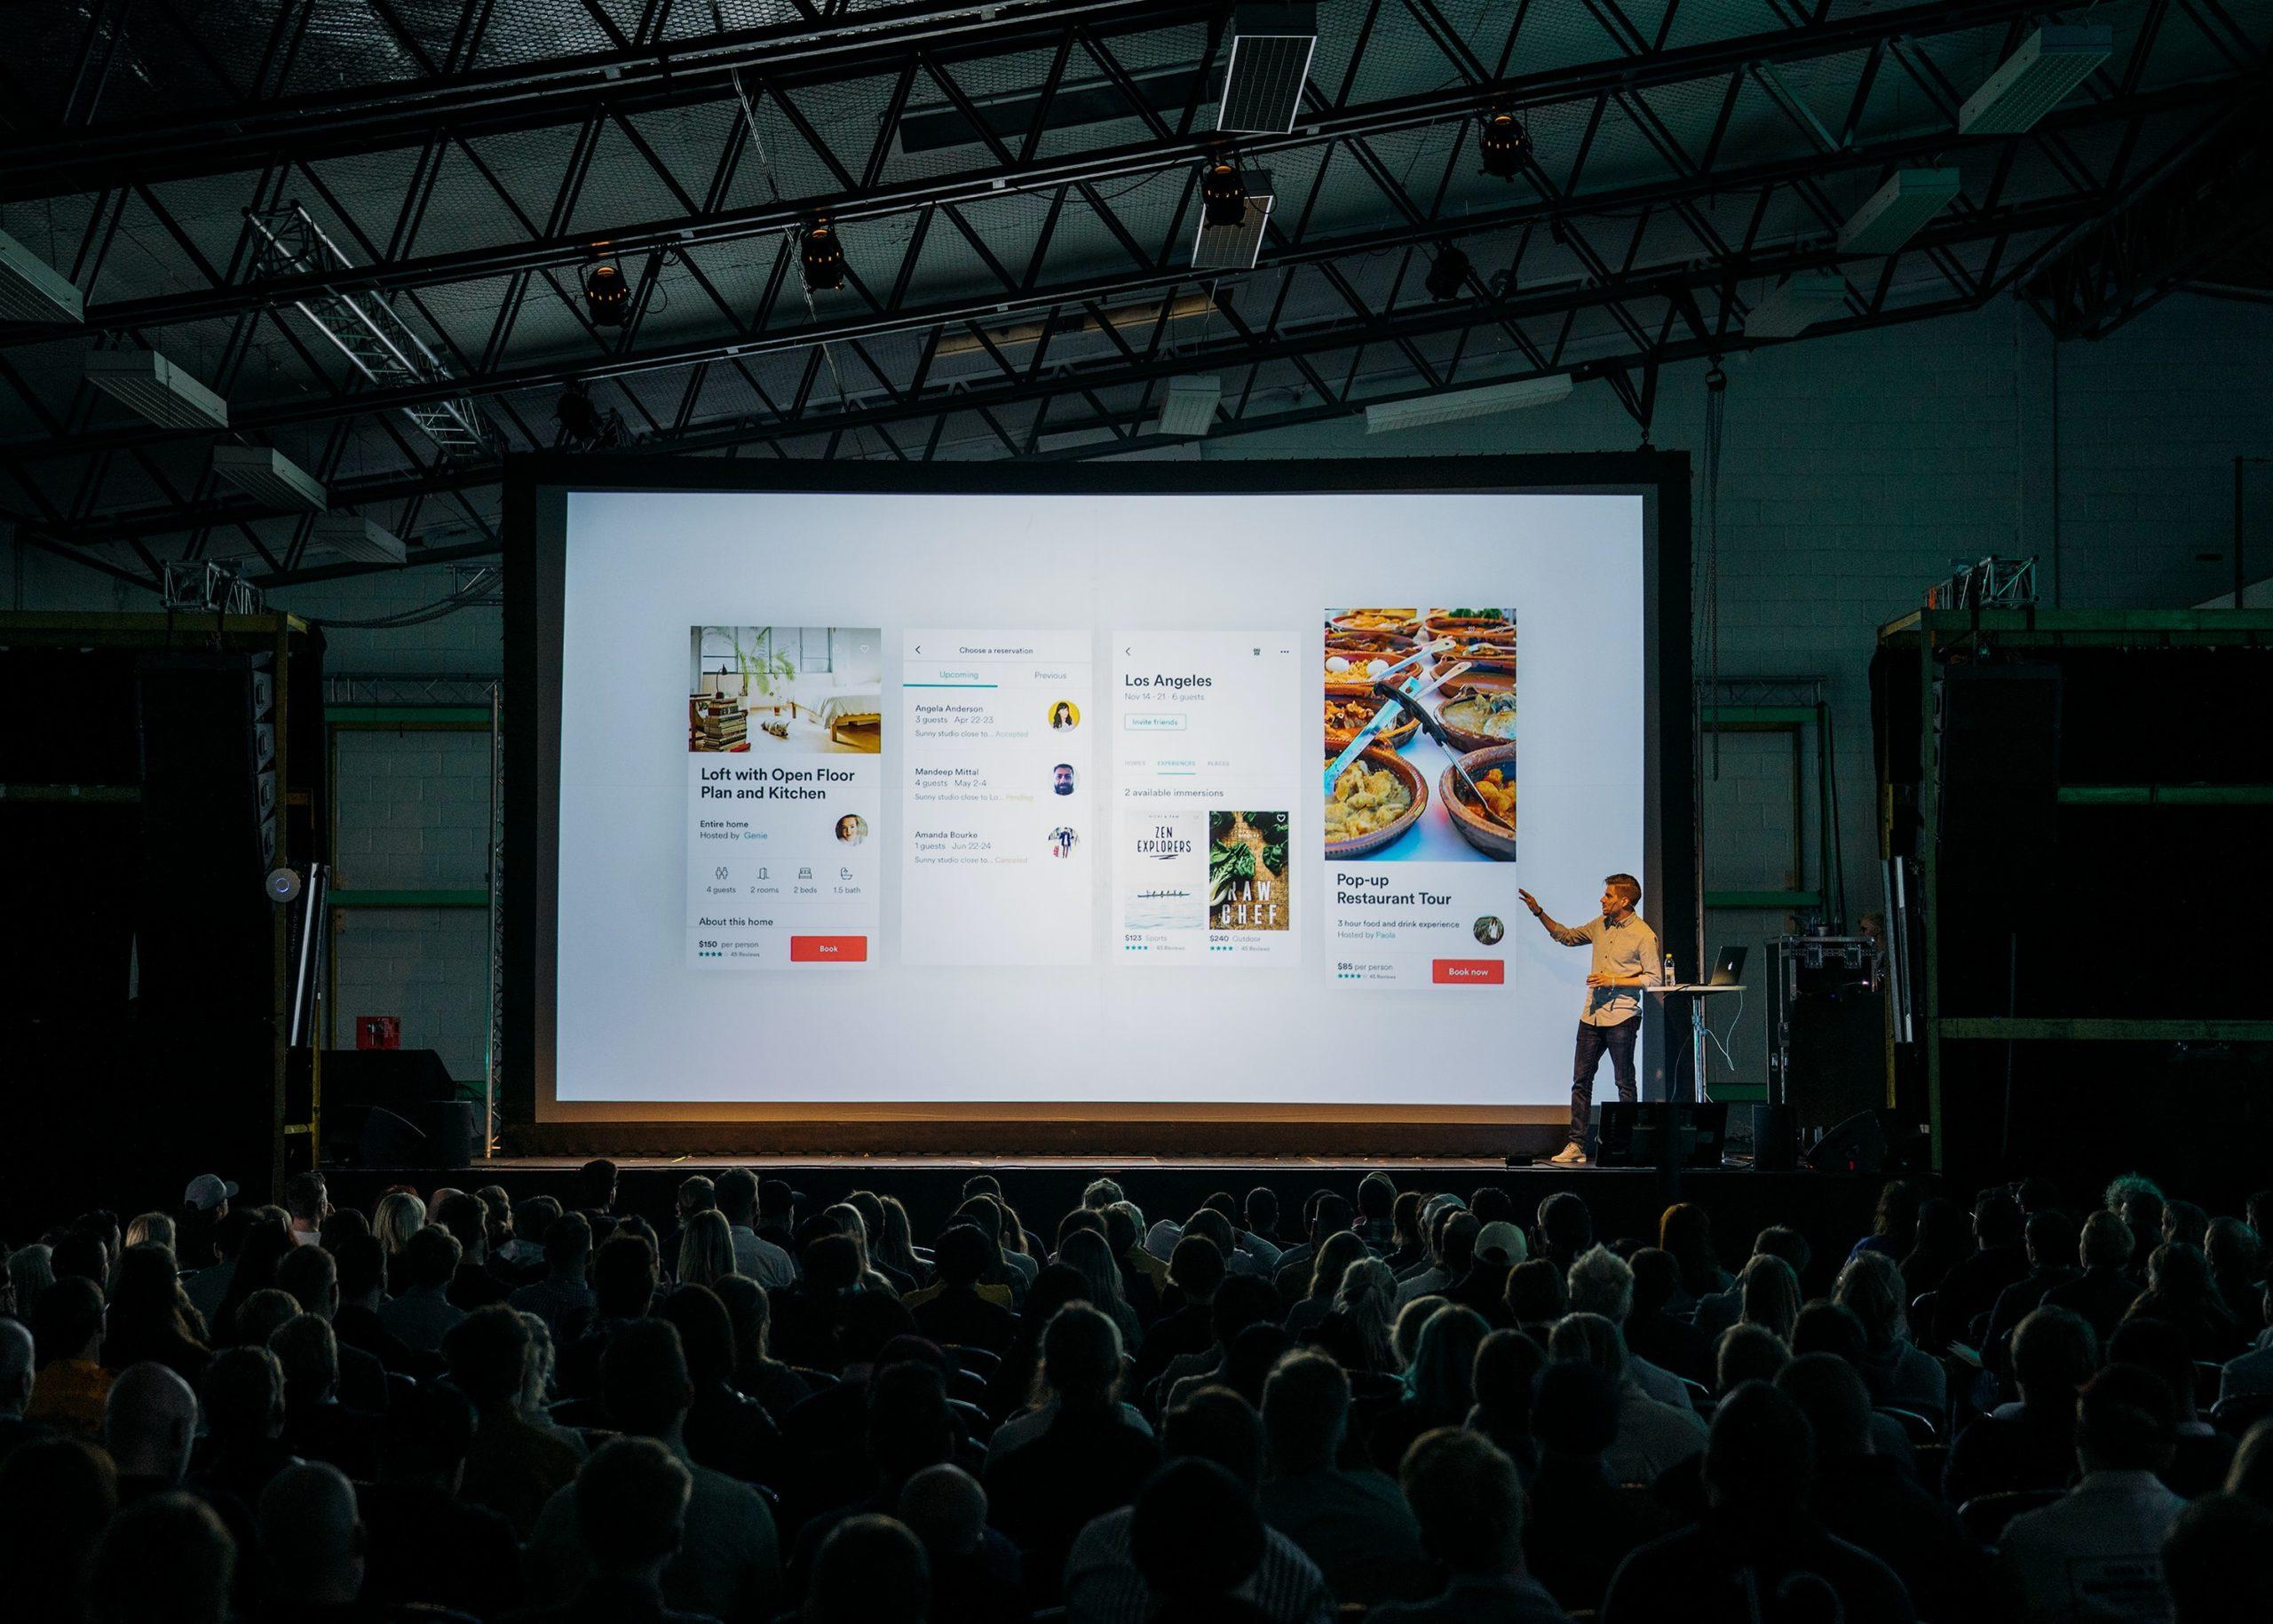 Melhores aplicativos para fazer slides em 2021?